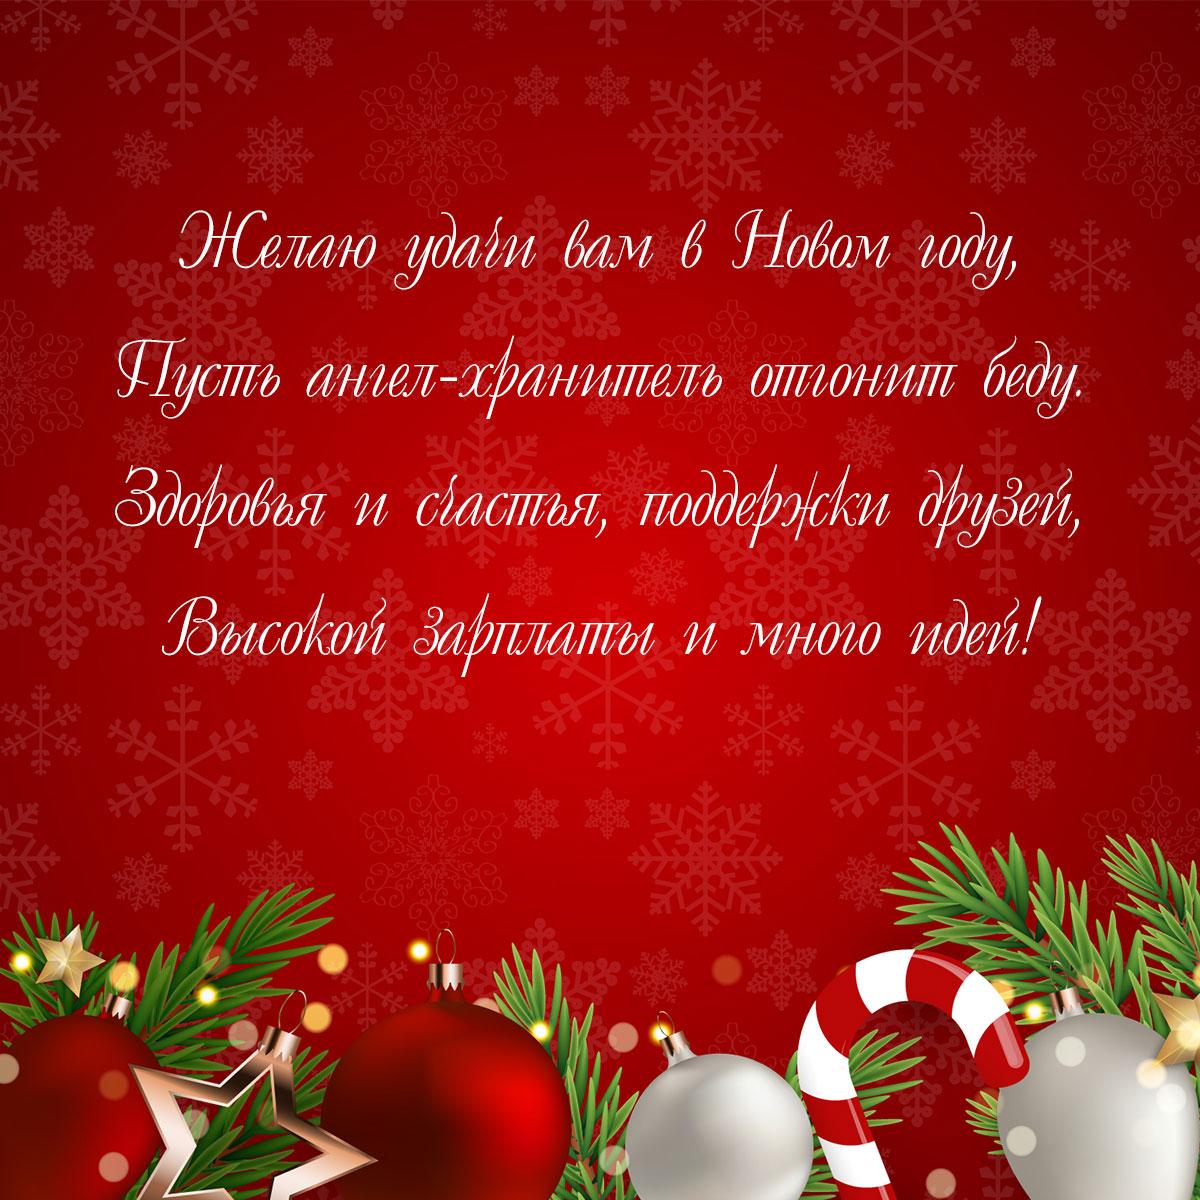 Текст поздравления с новым годом в стихах на красном фоне.